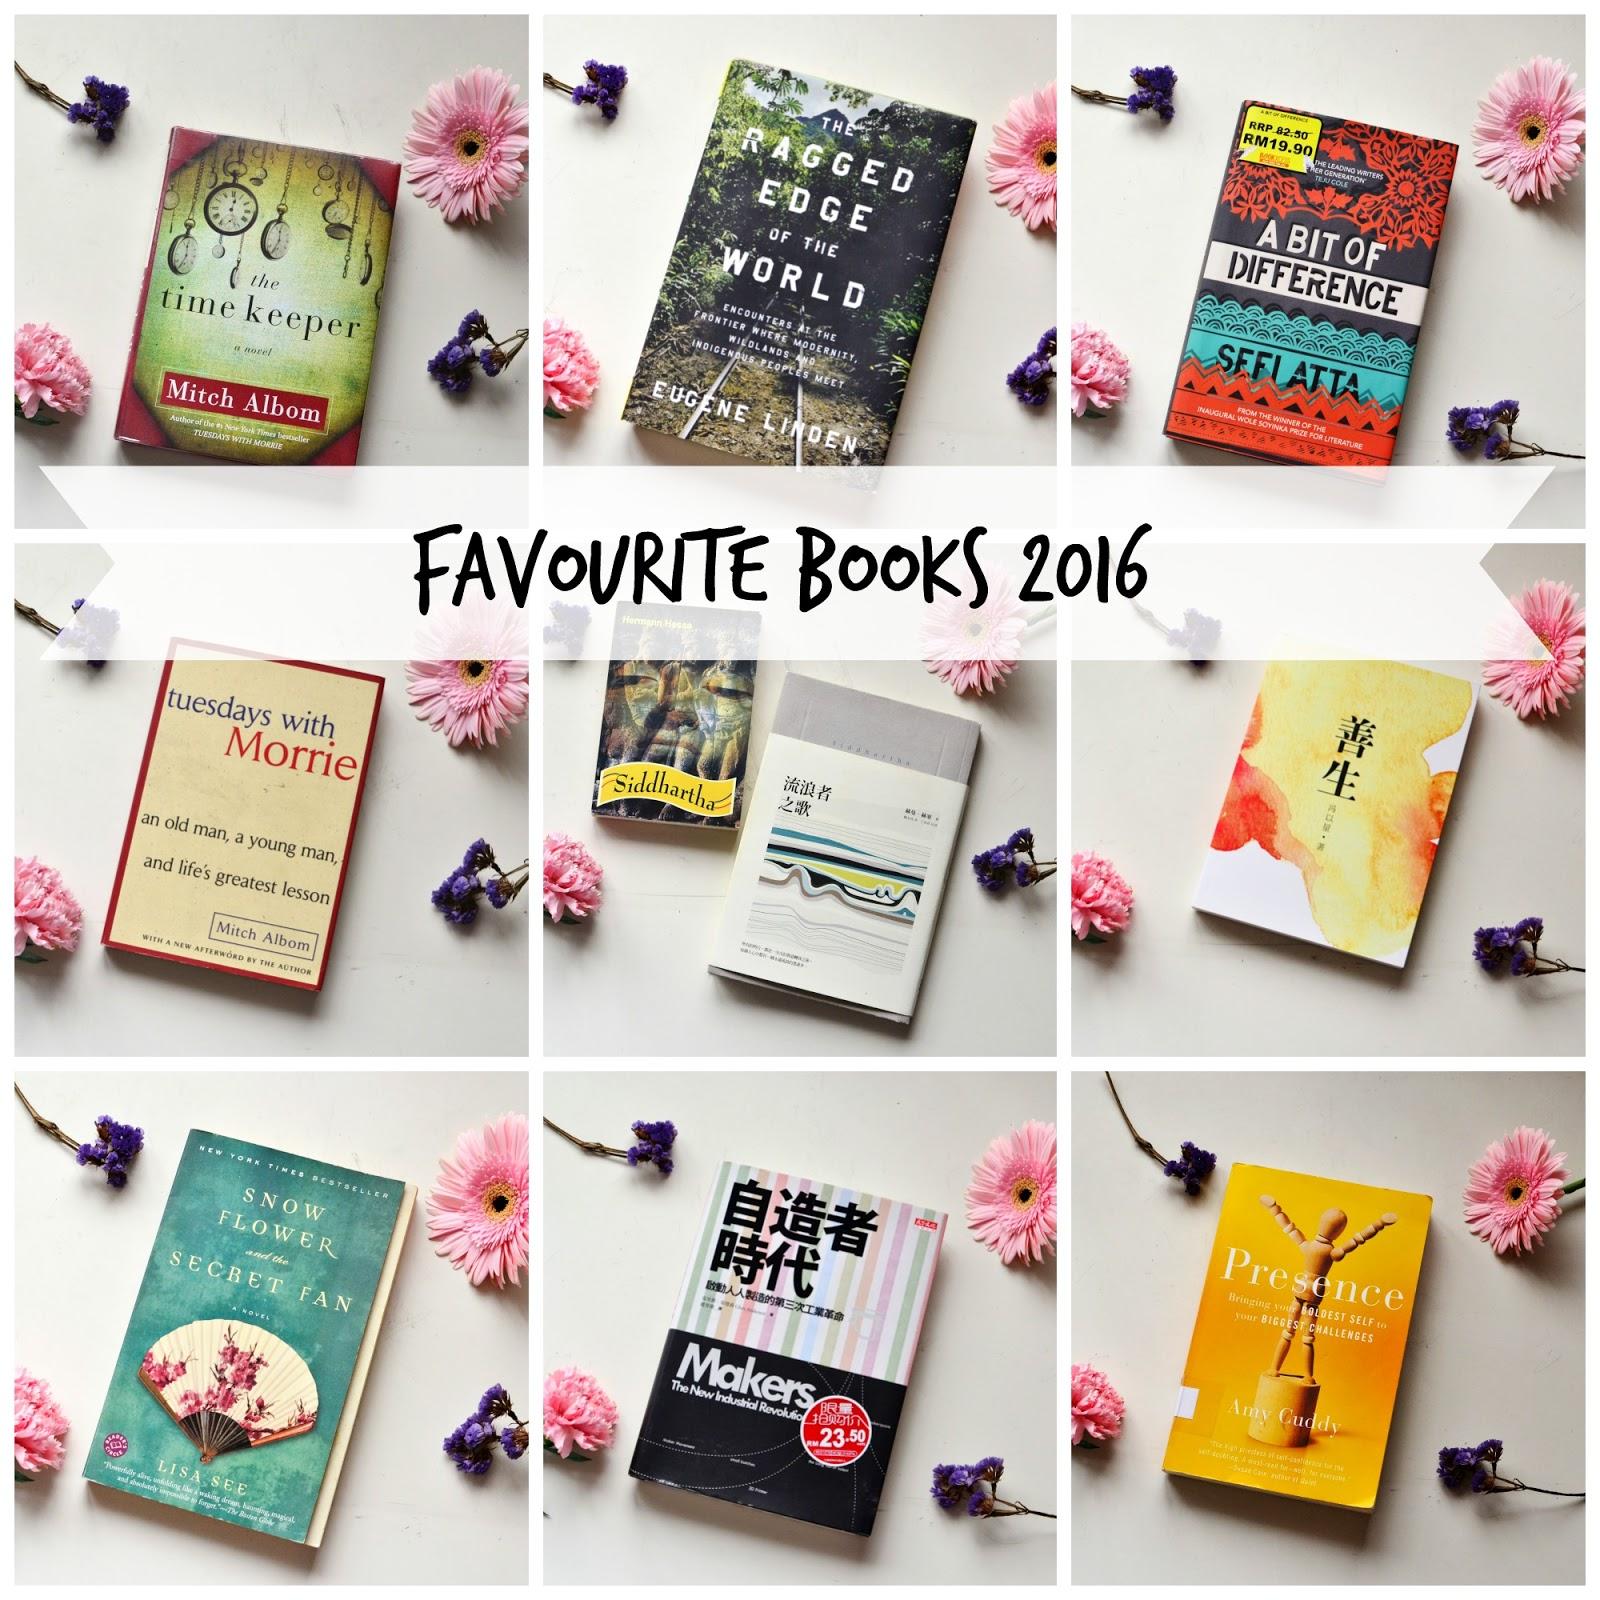 Favourite Books 2016 - Evetopia